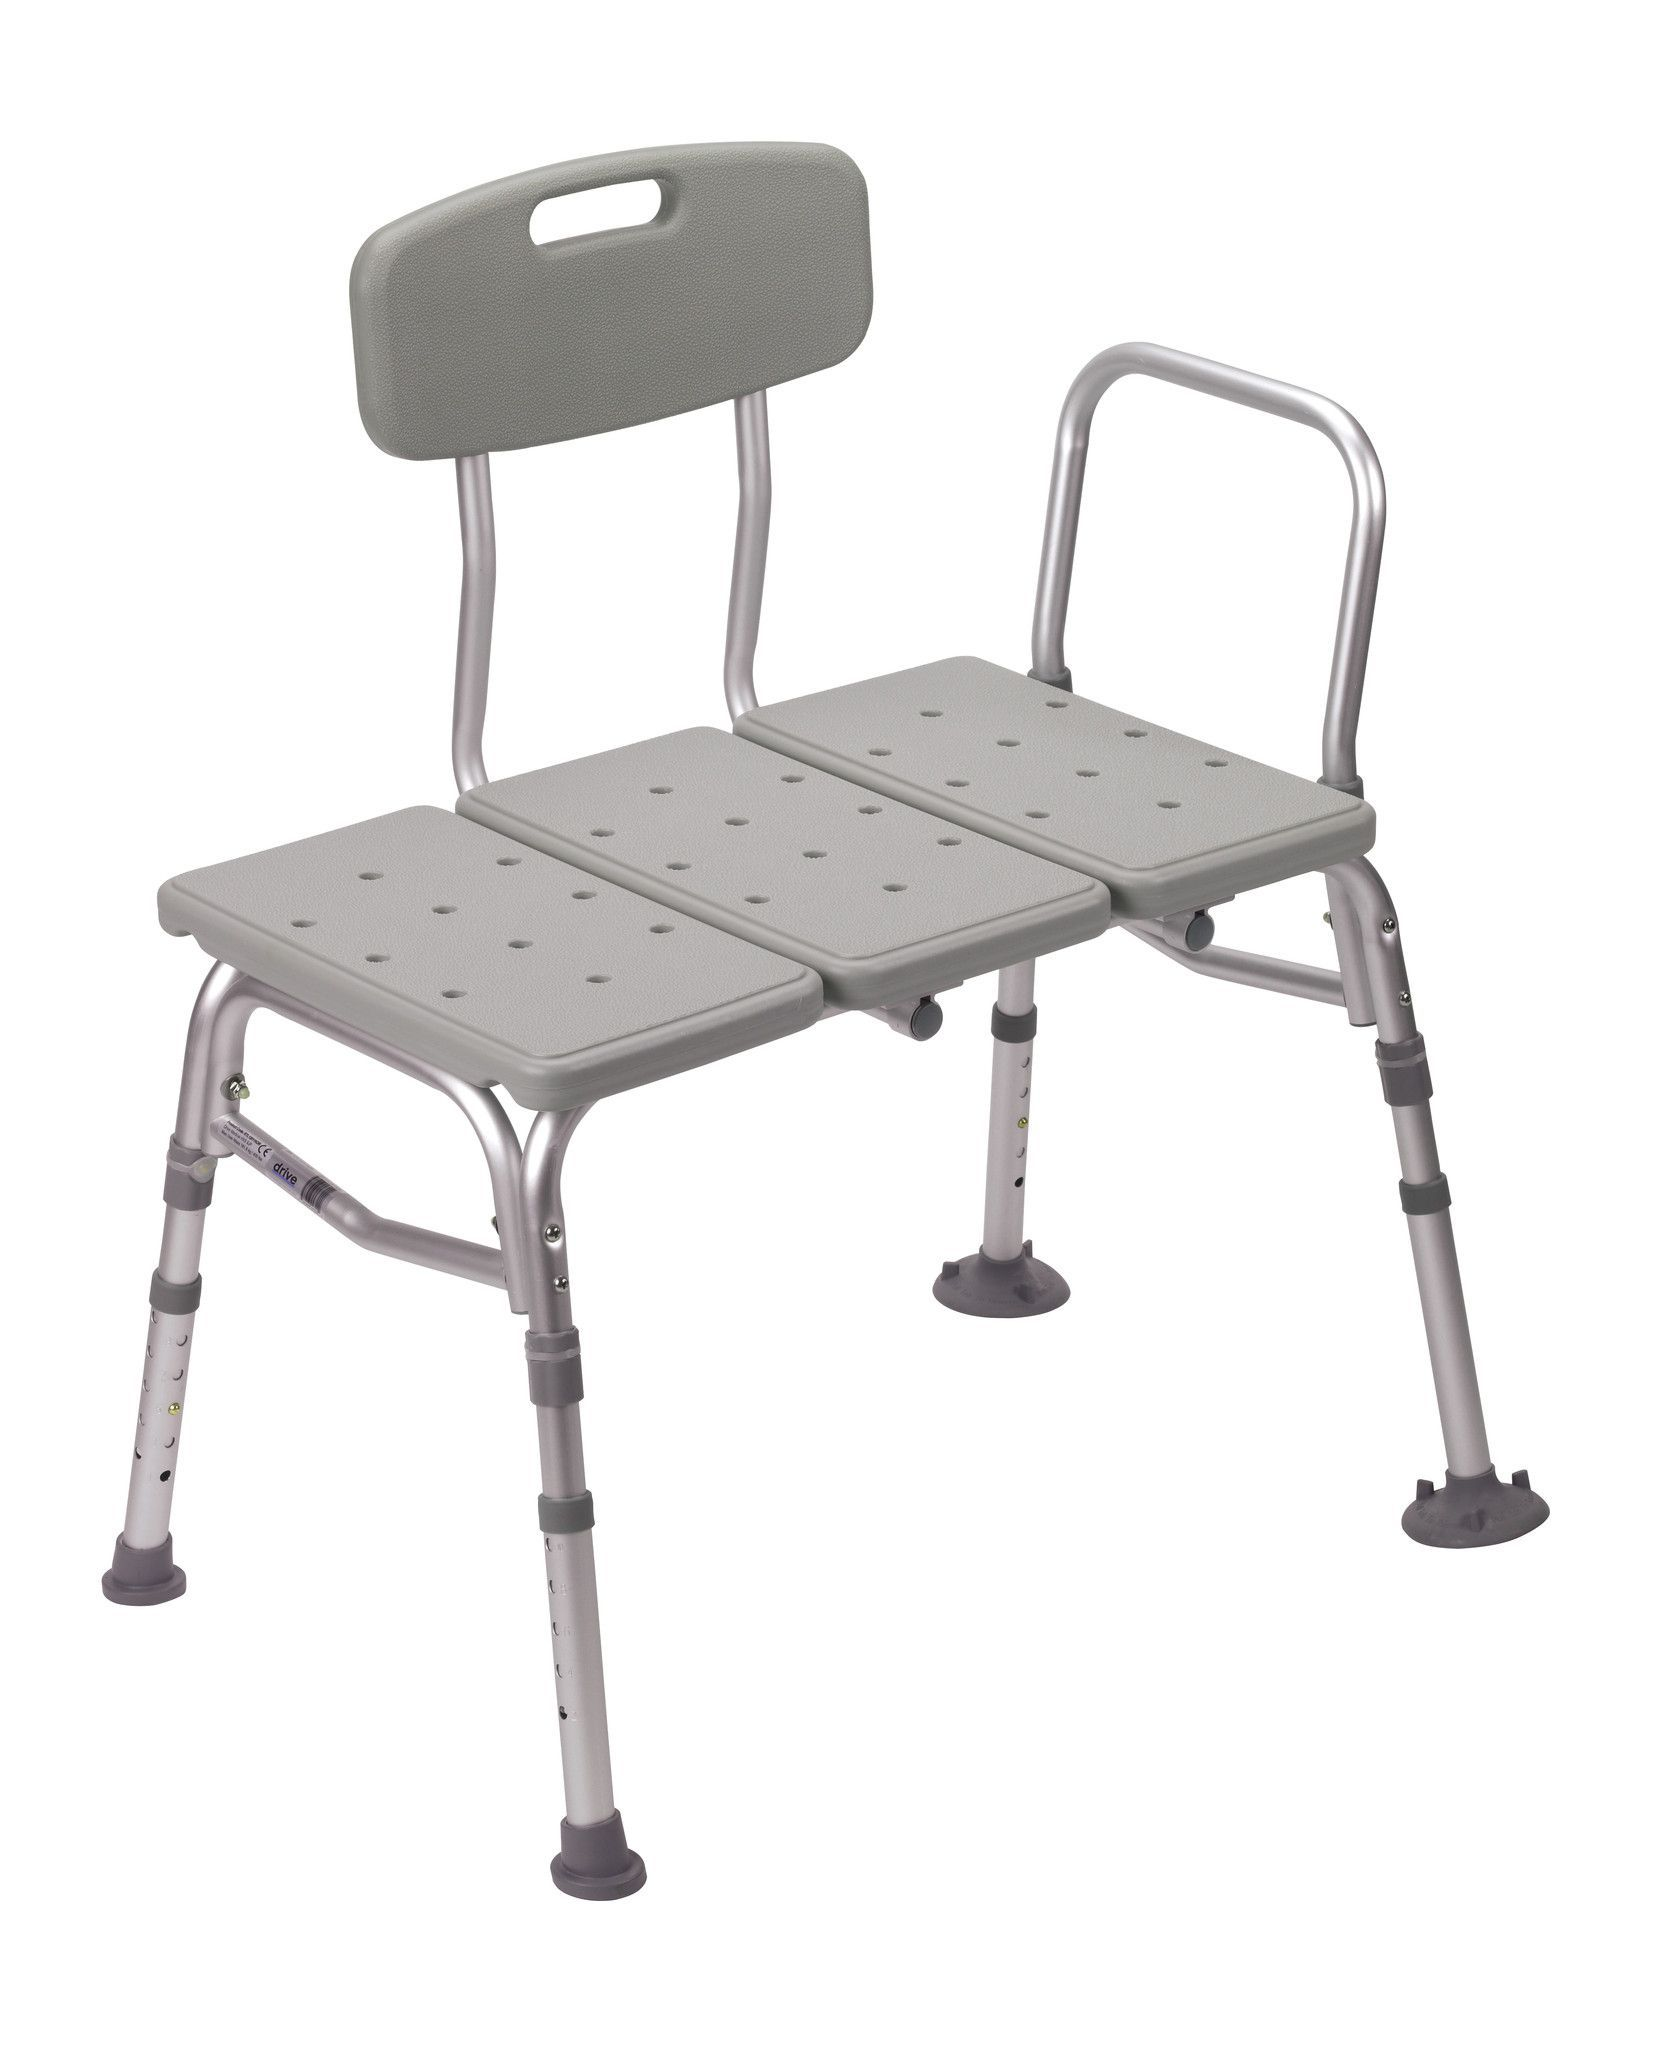 Shower Tub Transfer Bench with Adjustable Backrest